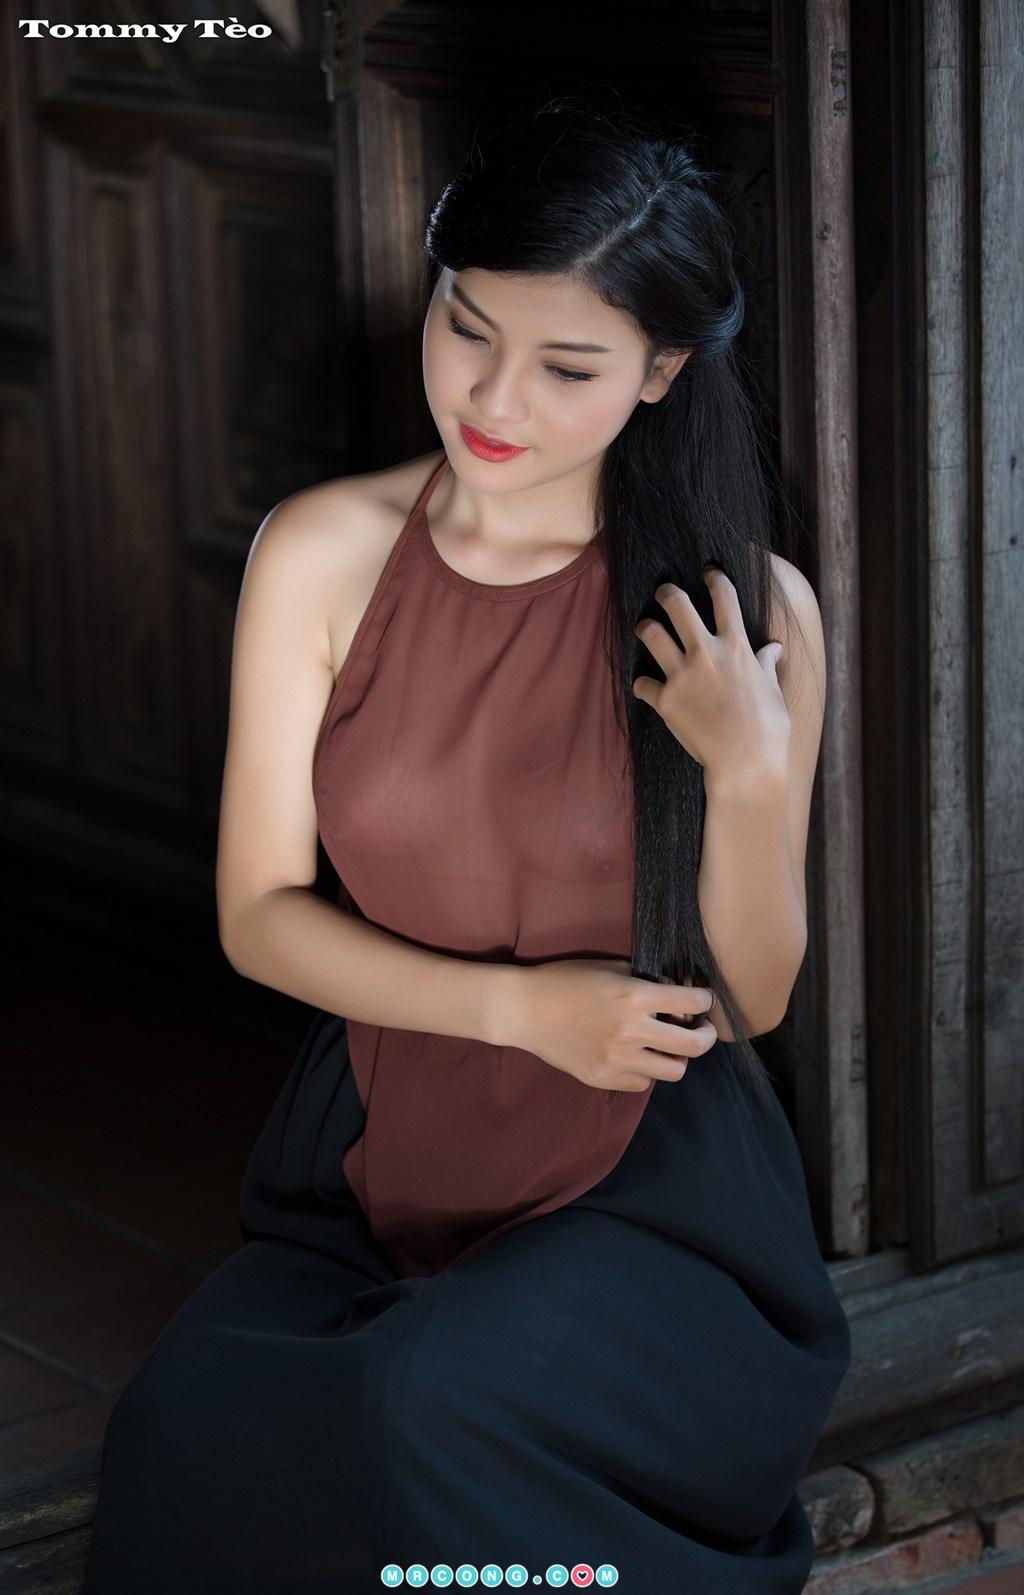 Image Nhung-Nguyen-by-Dang-Thanh-Tung-Tommy-Teo-MrCong.com-008 in post Nóng cả người với bộ ảnh thiếu nữ thả rông ngực mặc áo yếm mỏng tang (19 ảnh)